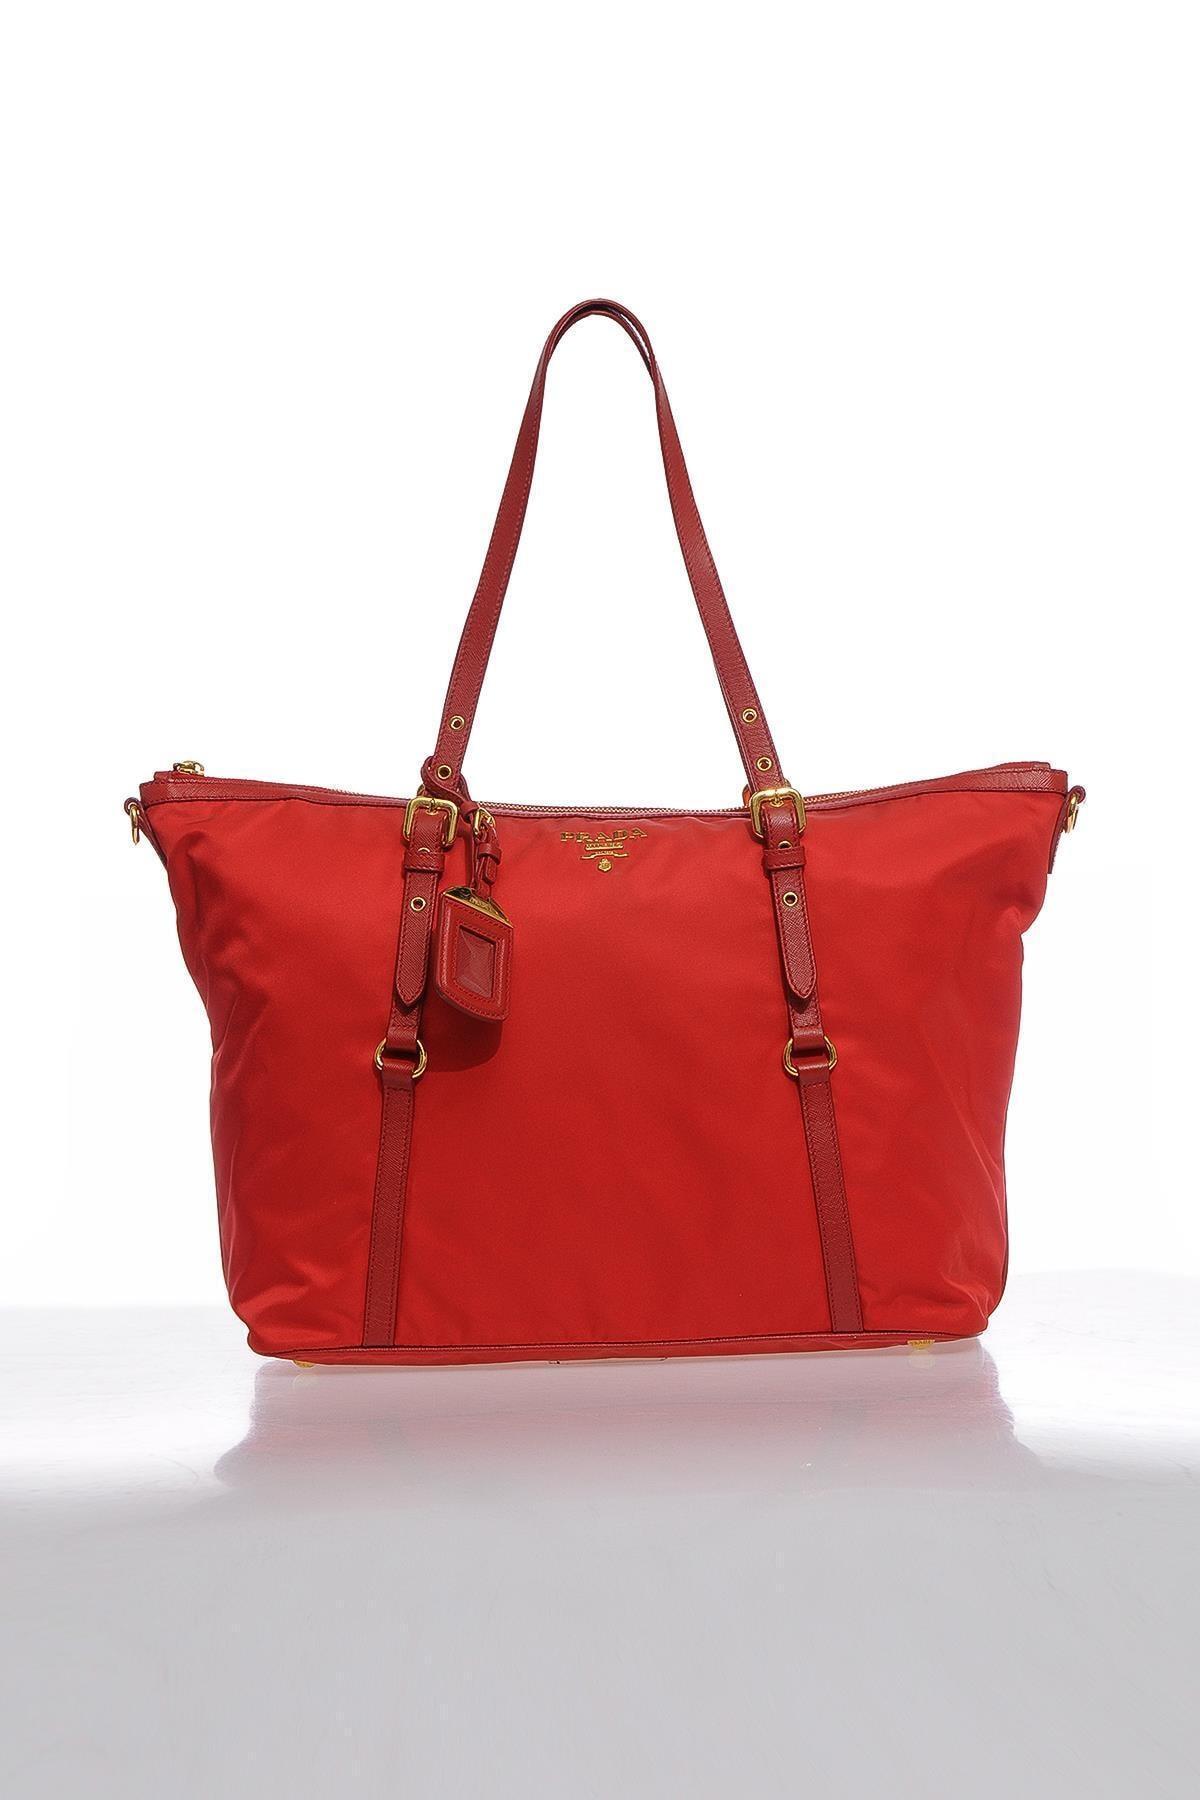 Prada Kadın Kırmızı Omuz Çantası 1